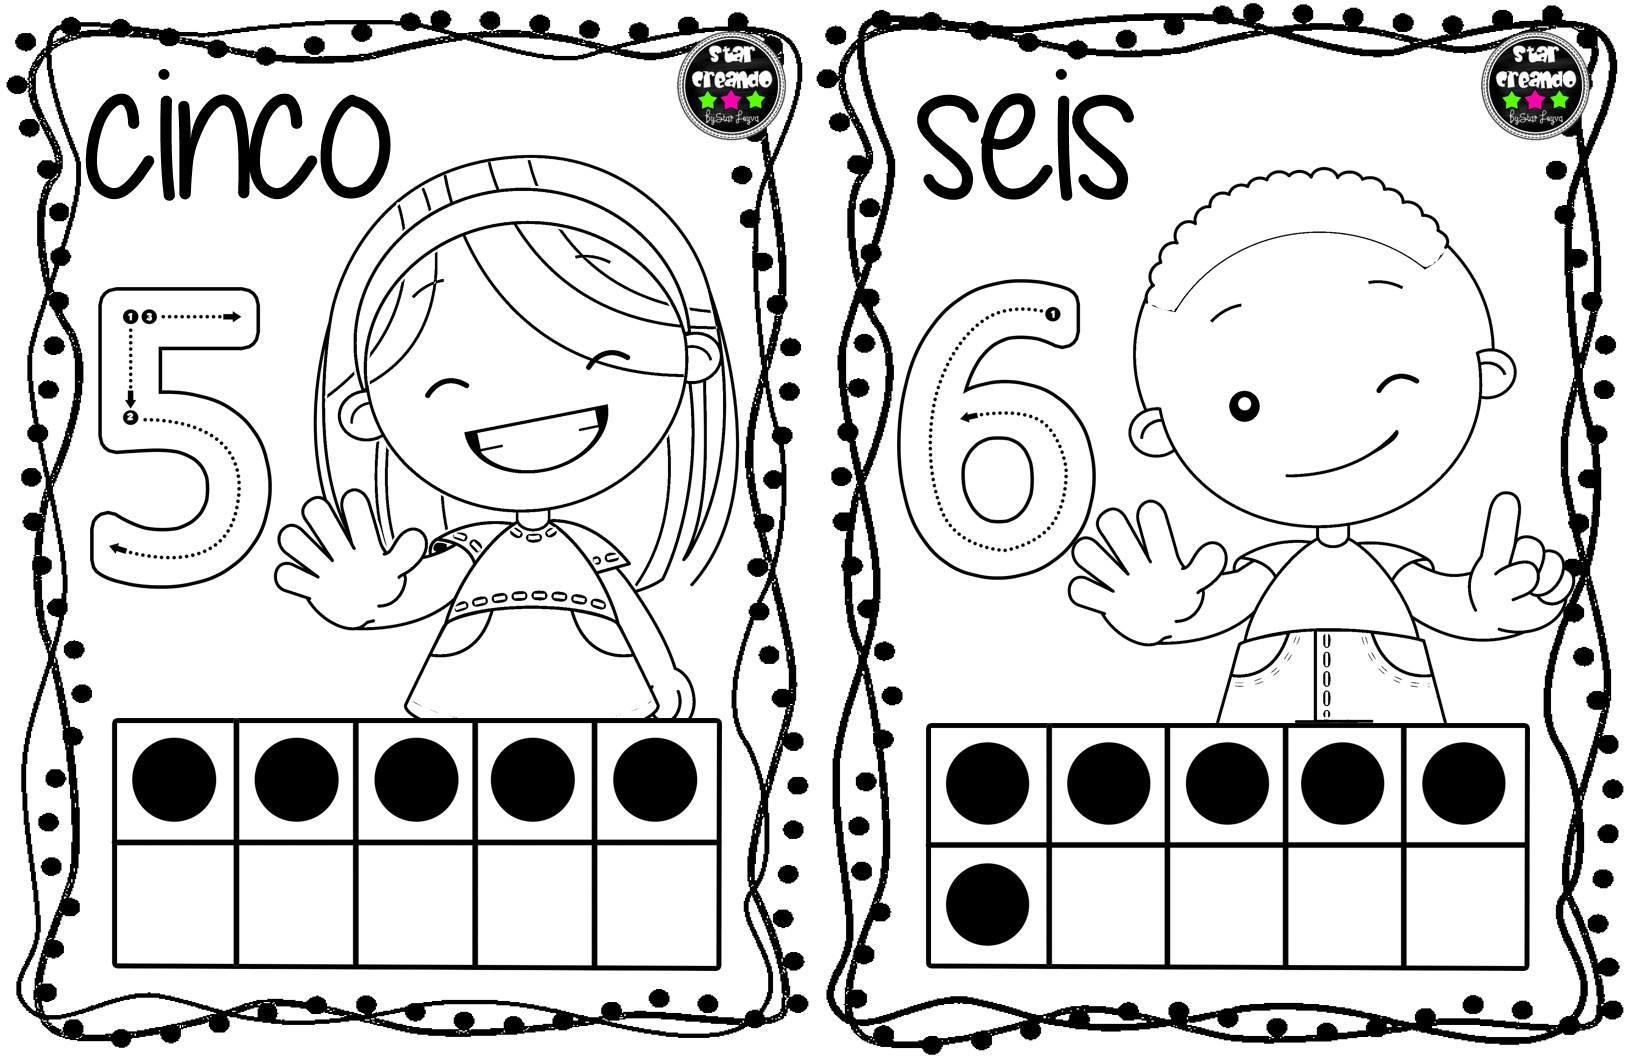 Tarjetas números para colorear (4) - Imagenes Educativas